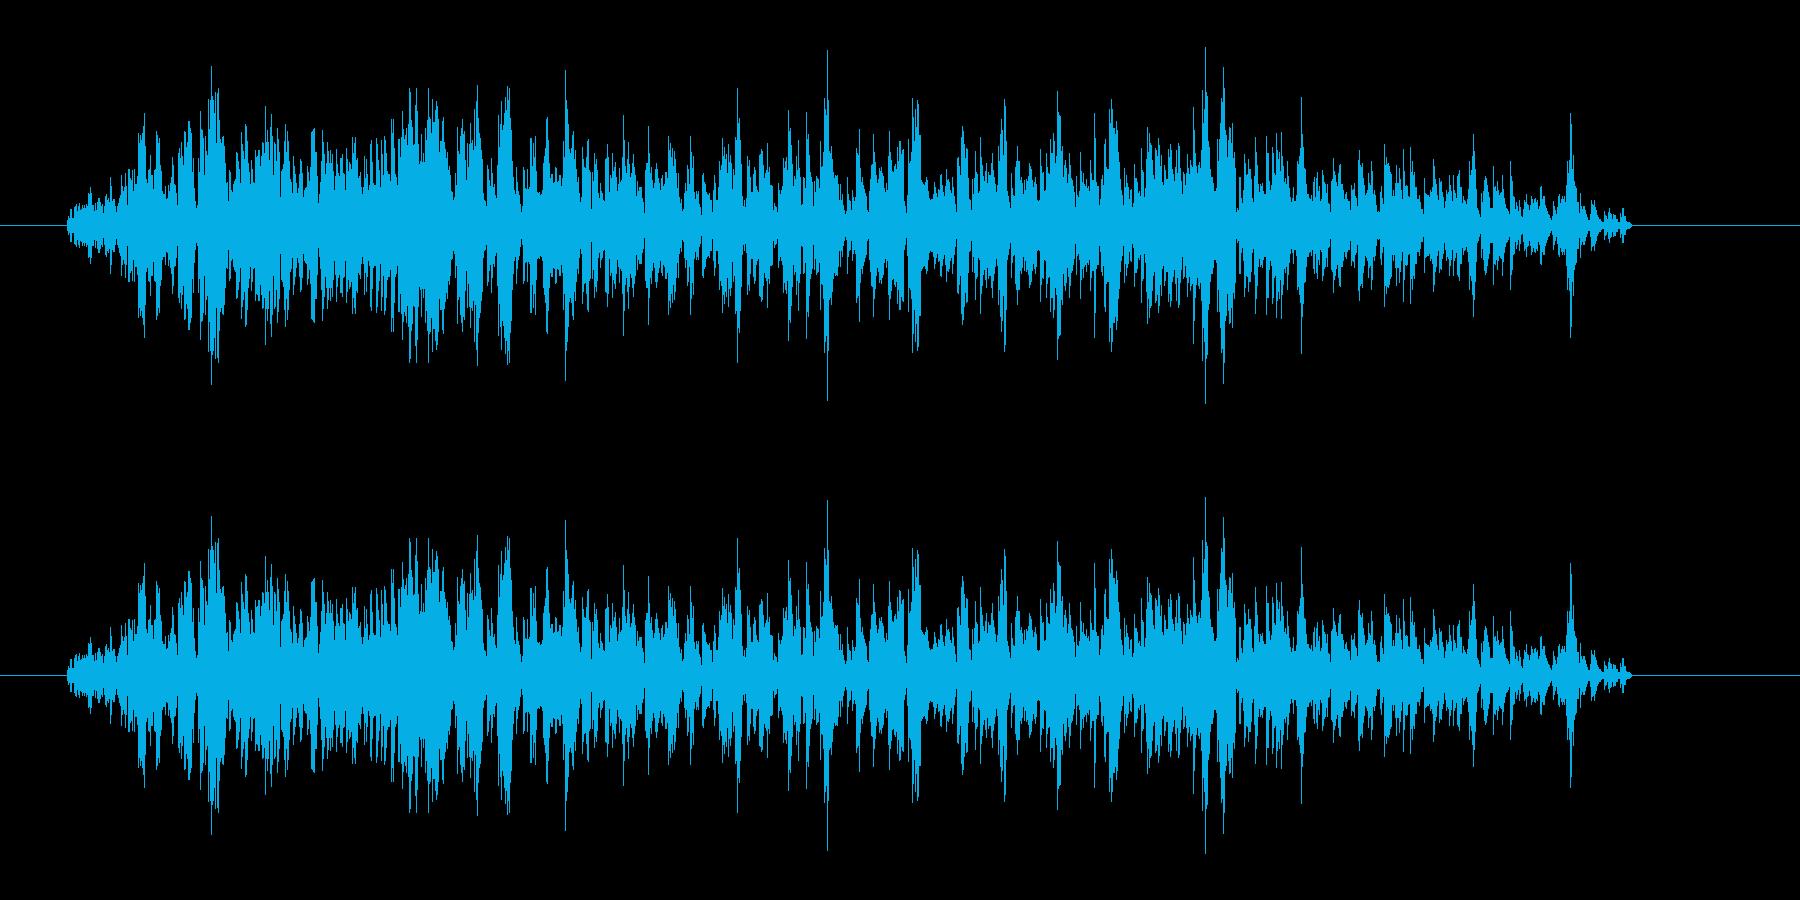 怪物の叫び声(ウオー)の再生済みの波形